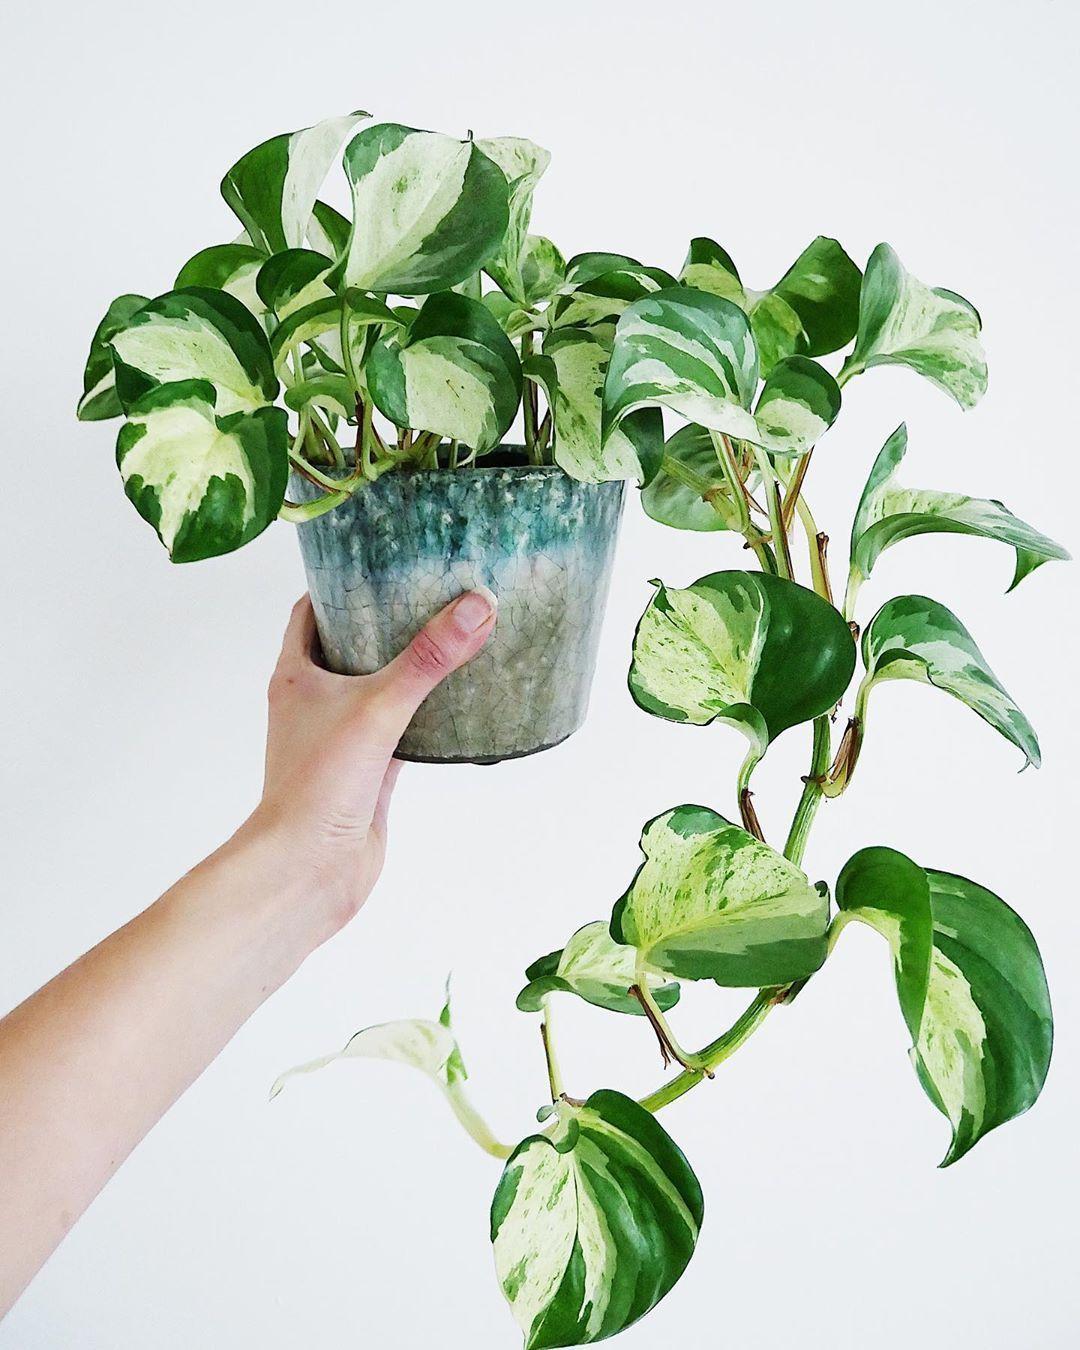 Epingle Par Lily Simplicity Sur Plantes D Interieur En 2020 Avec